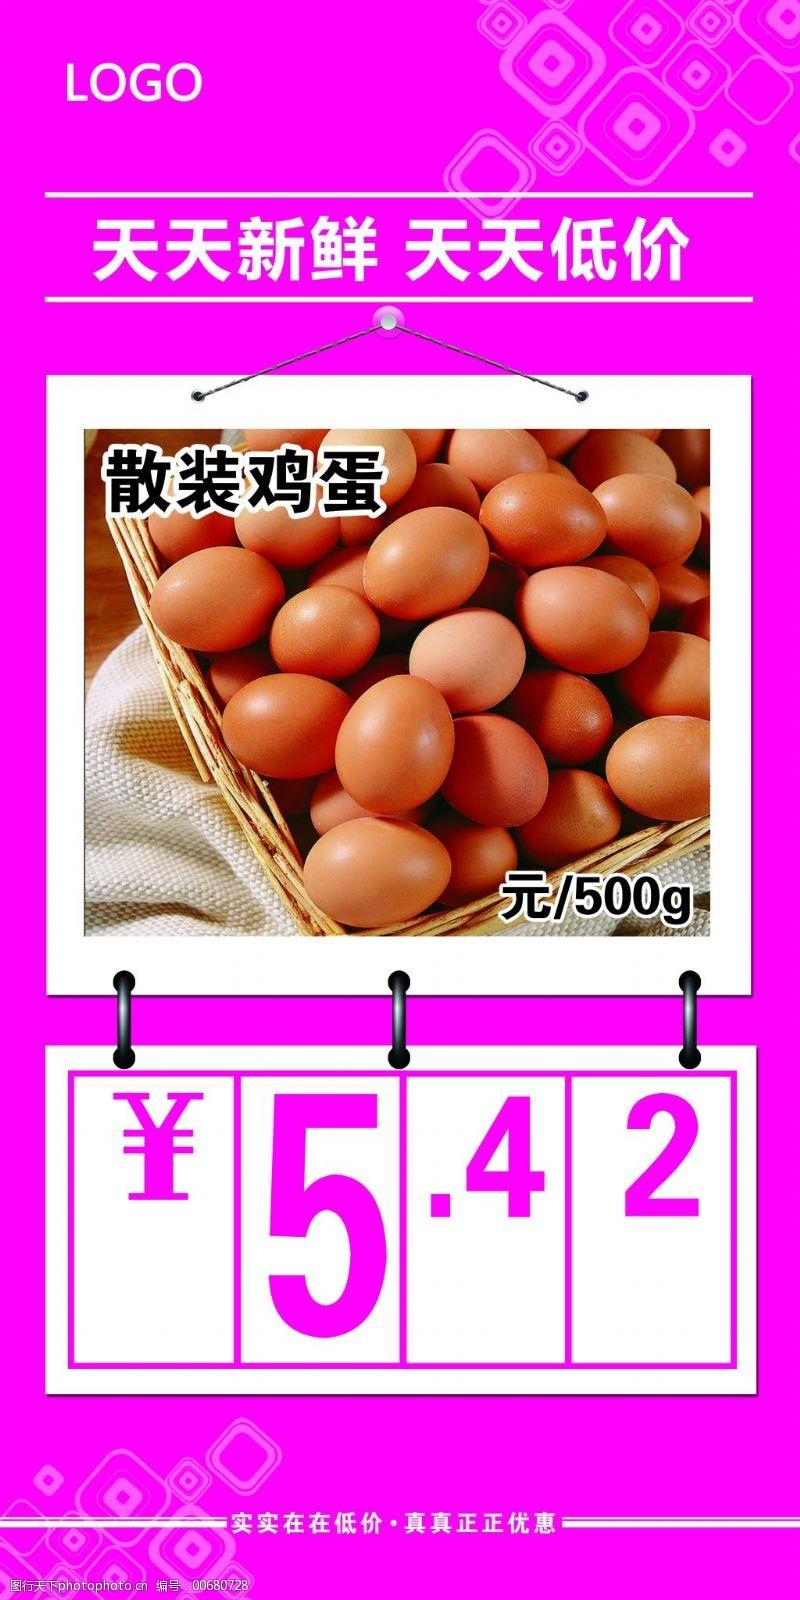 超市鸡蛋价格牌